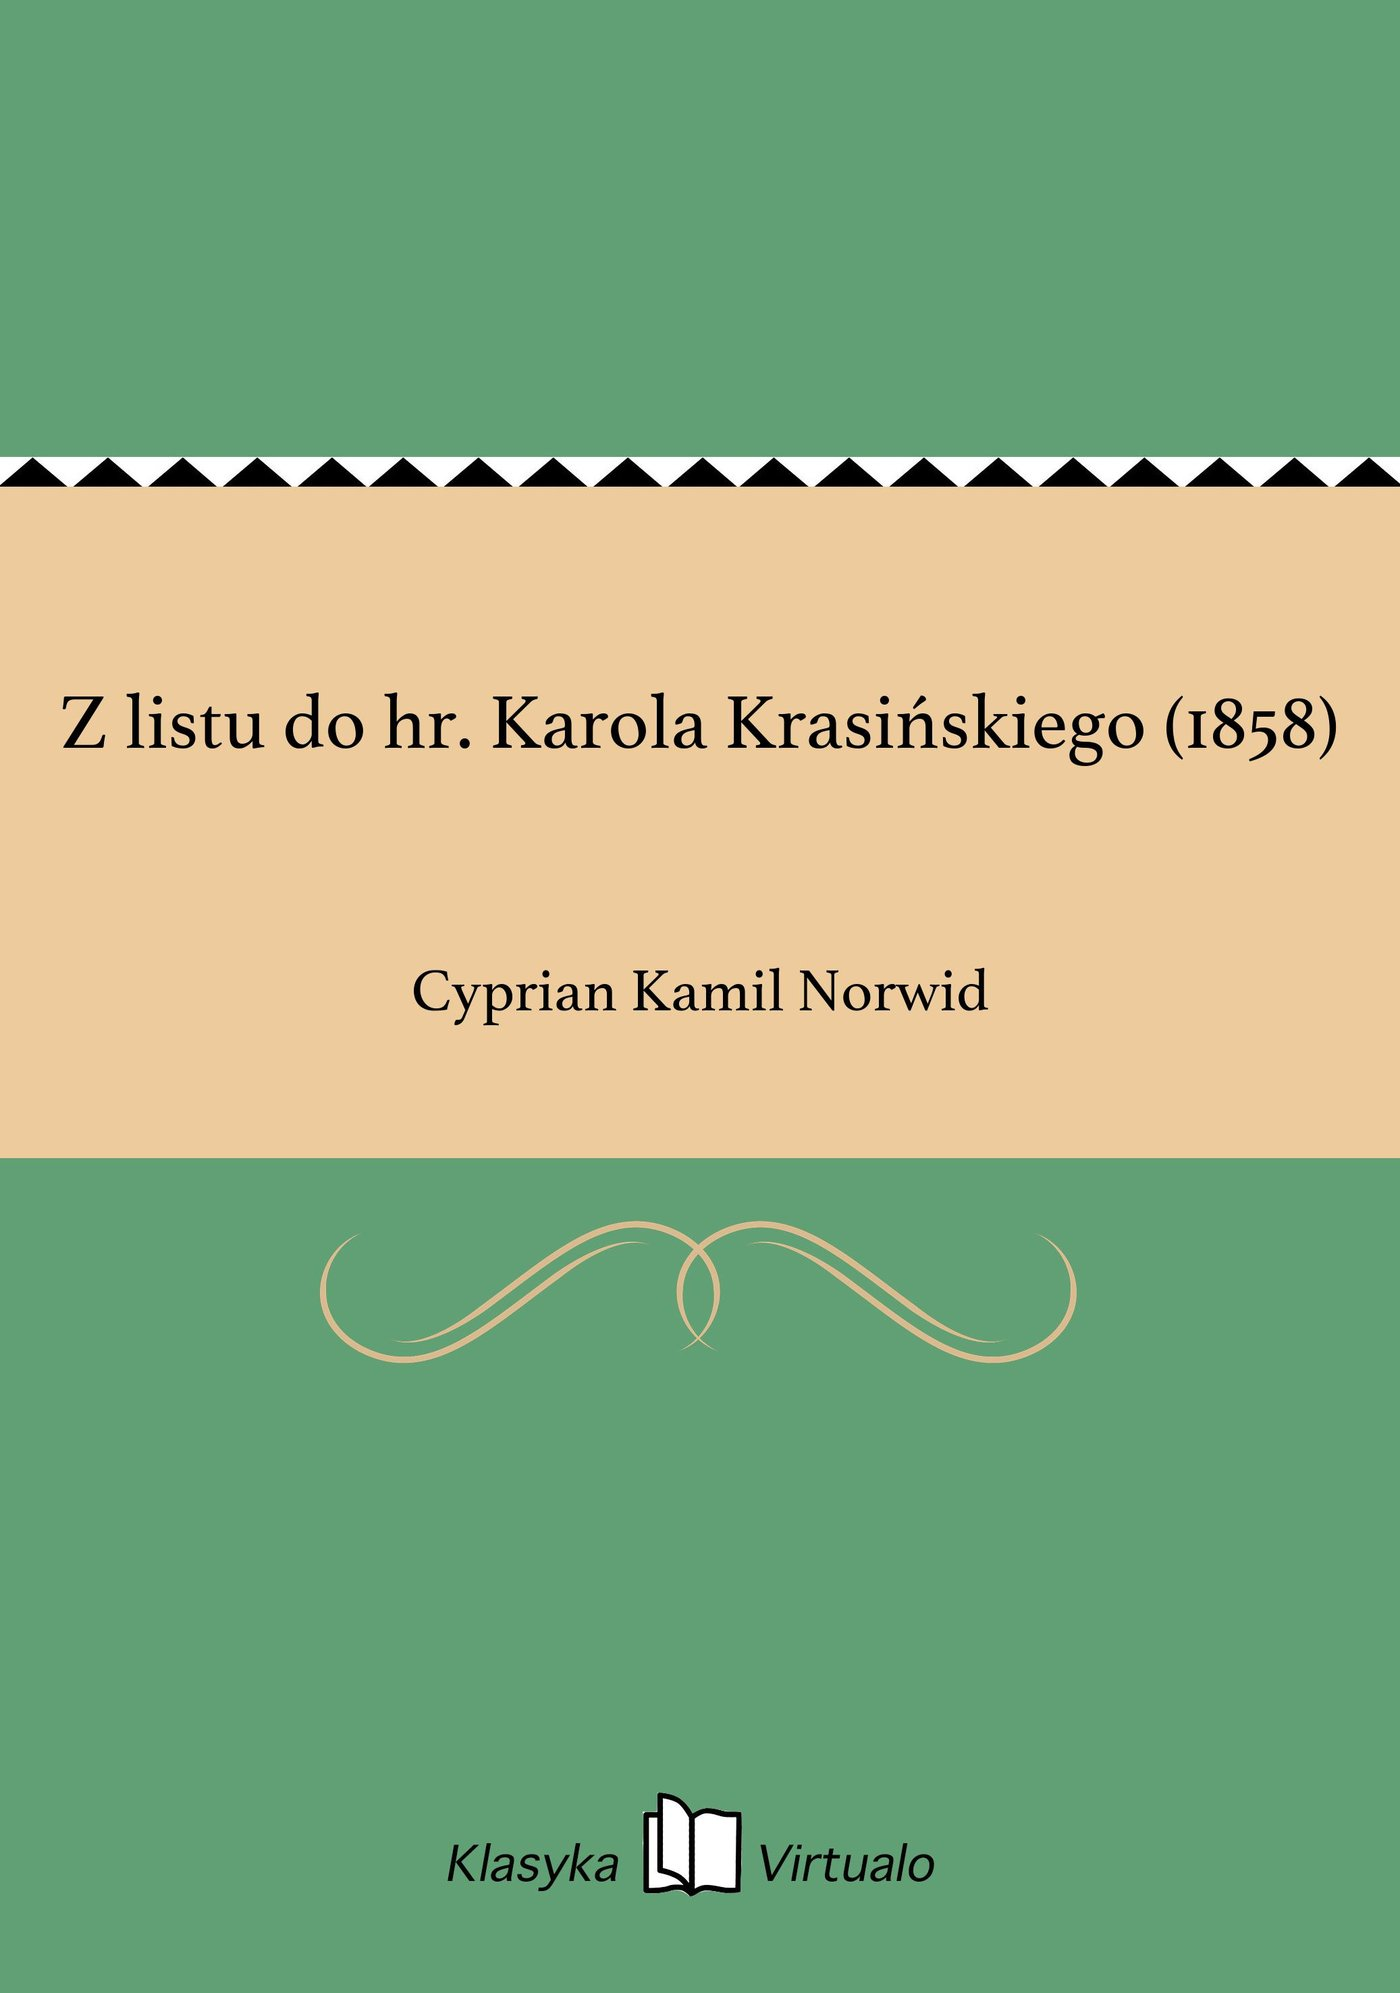 Z listu do hr. Karola Krasińskiego (1858) - Ebook (Książka EPUB) do pobrania w formacie EPUB